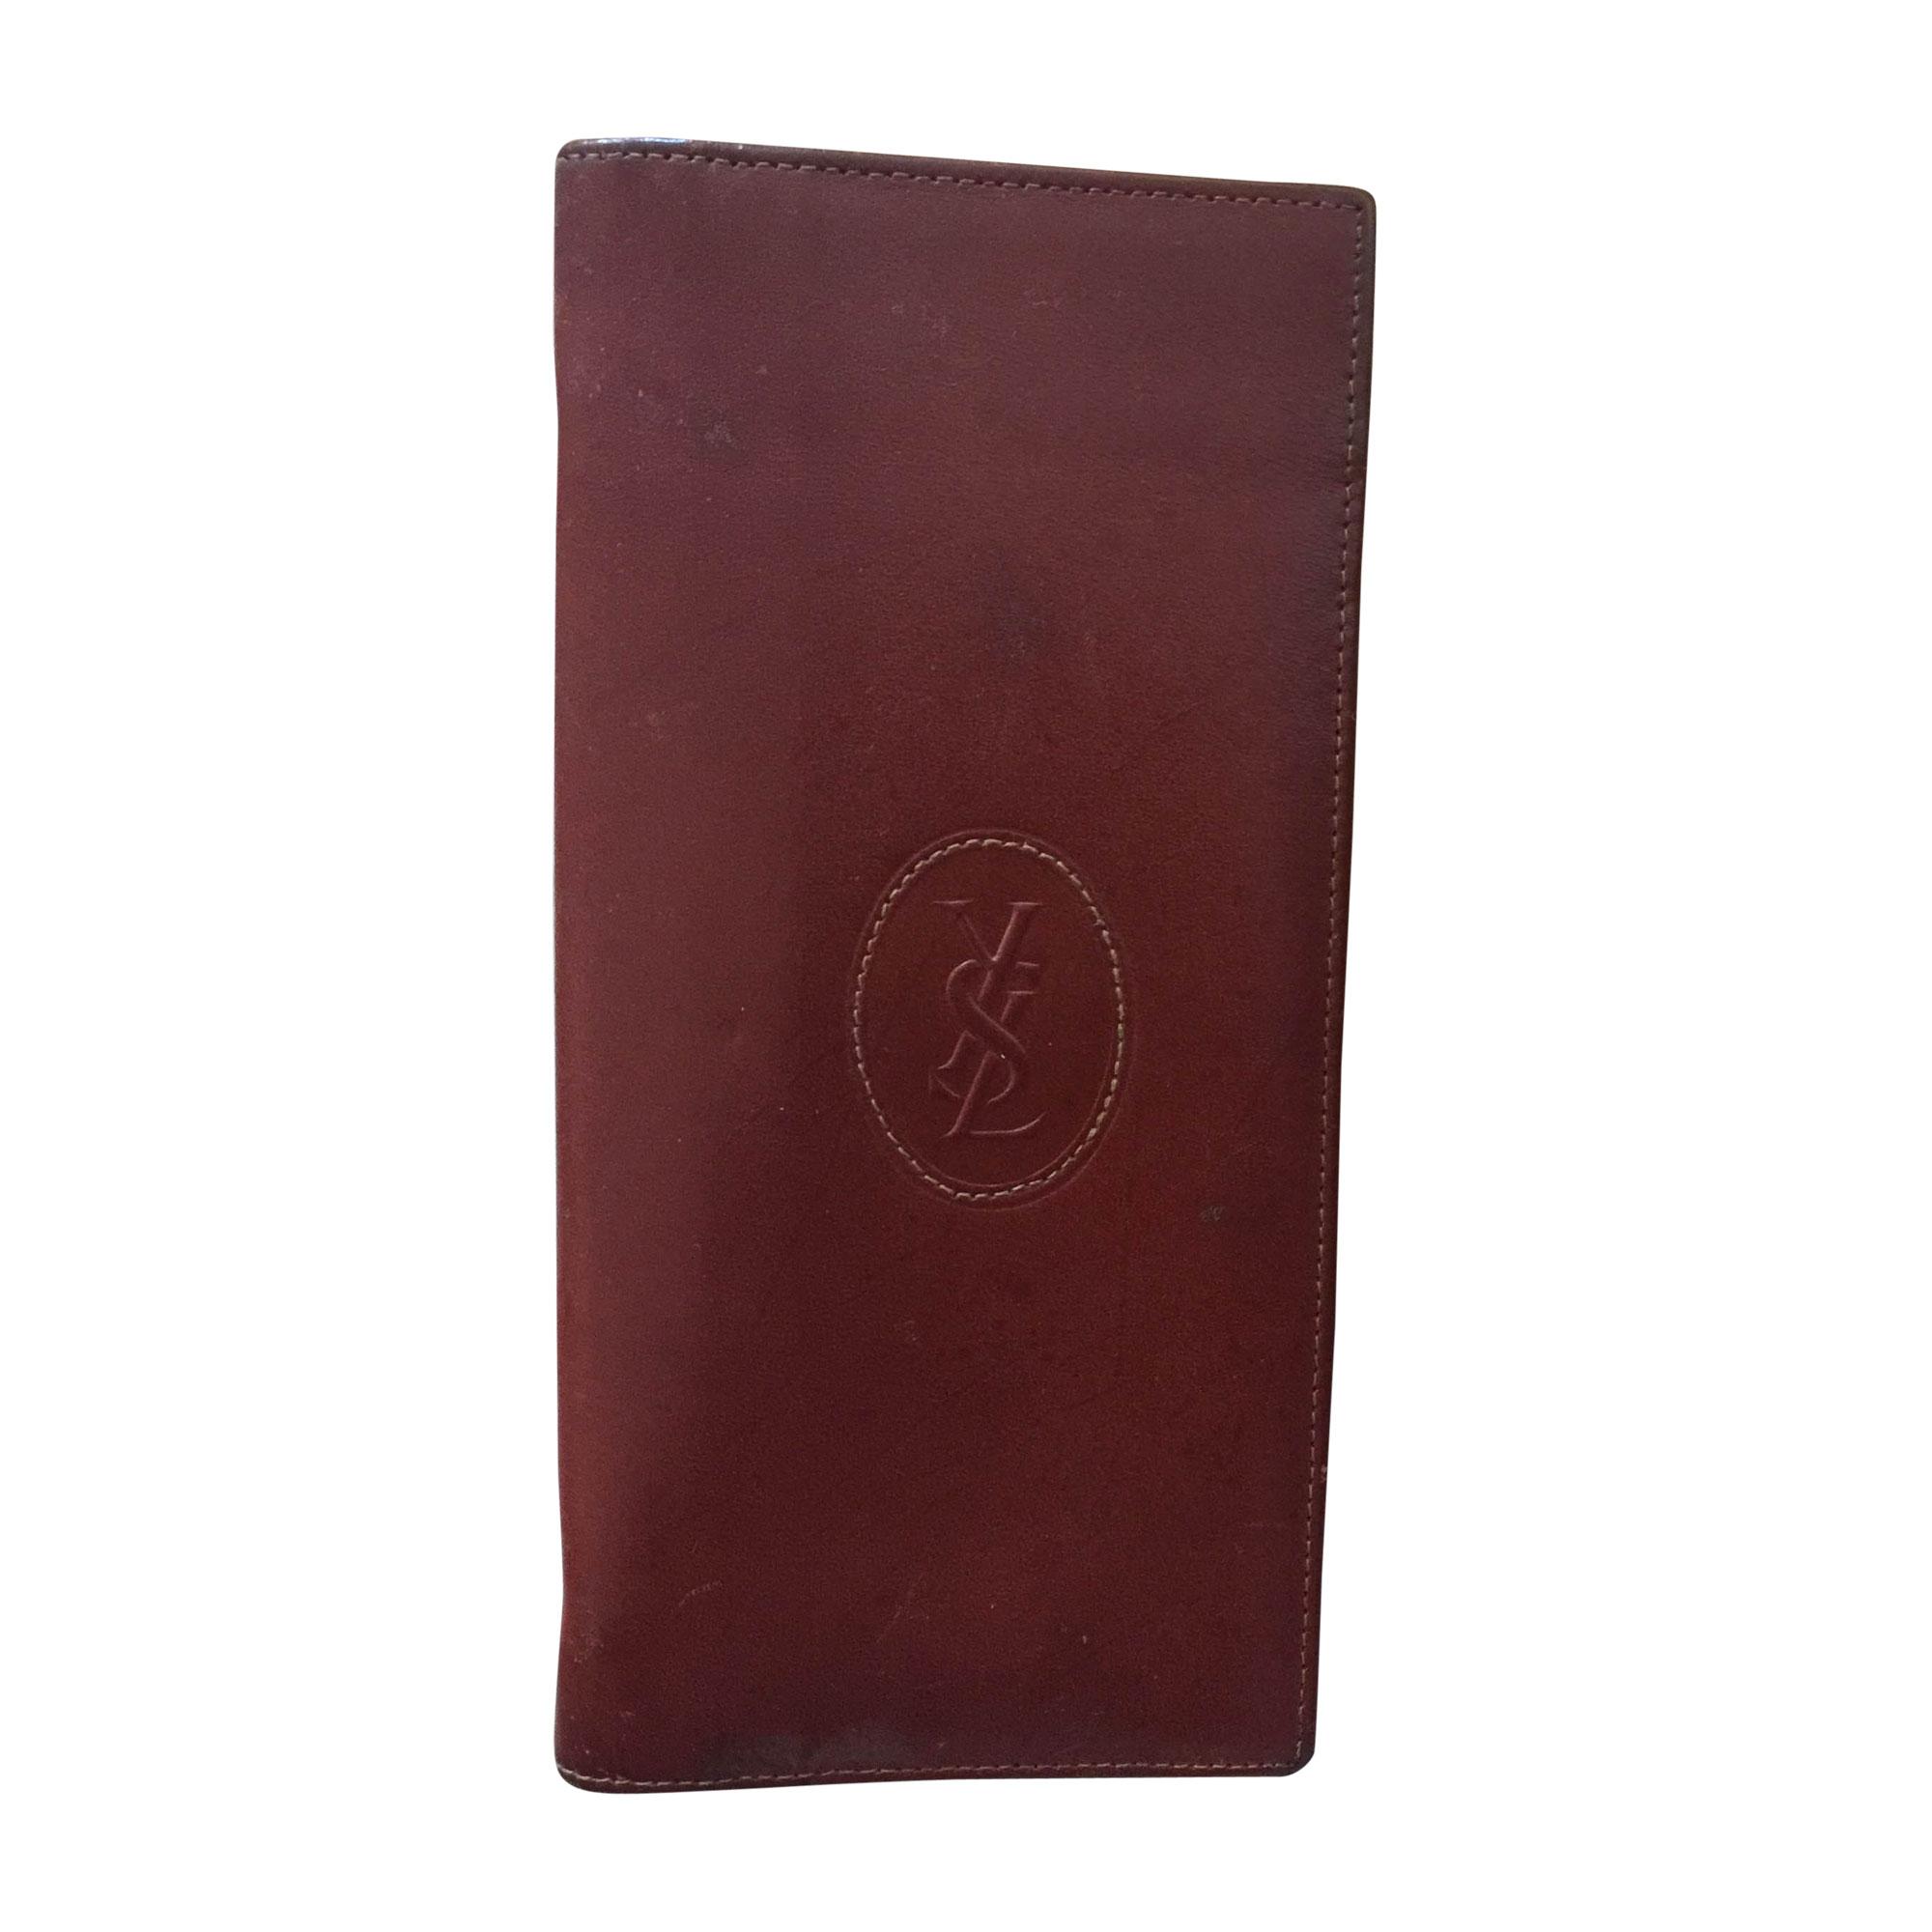 porte cartes yves saint laurent marron vendu par magui18 4708984. Black Bedroom Furniture Sets. Home Design Ideas